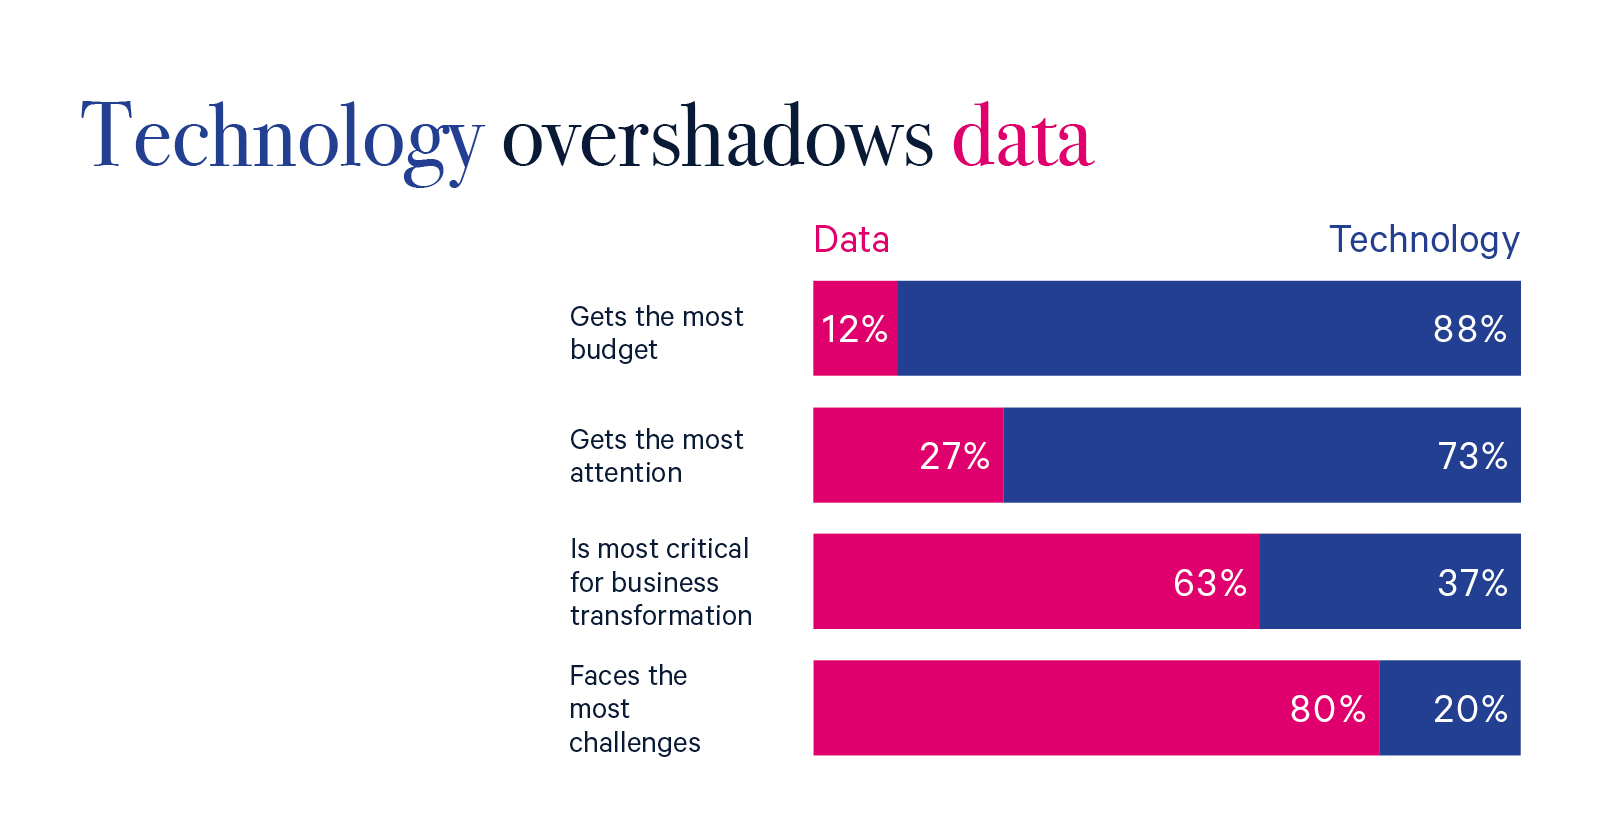 Anmut focus: Data vs Technology